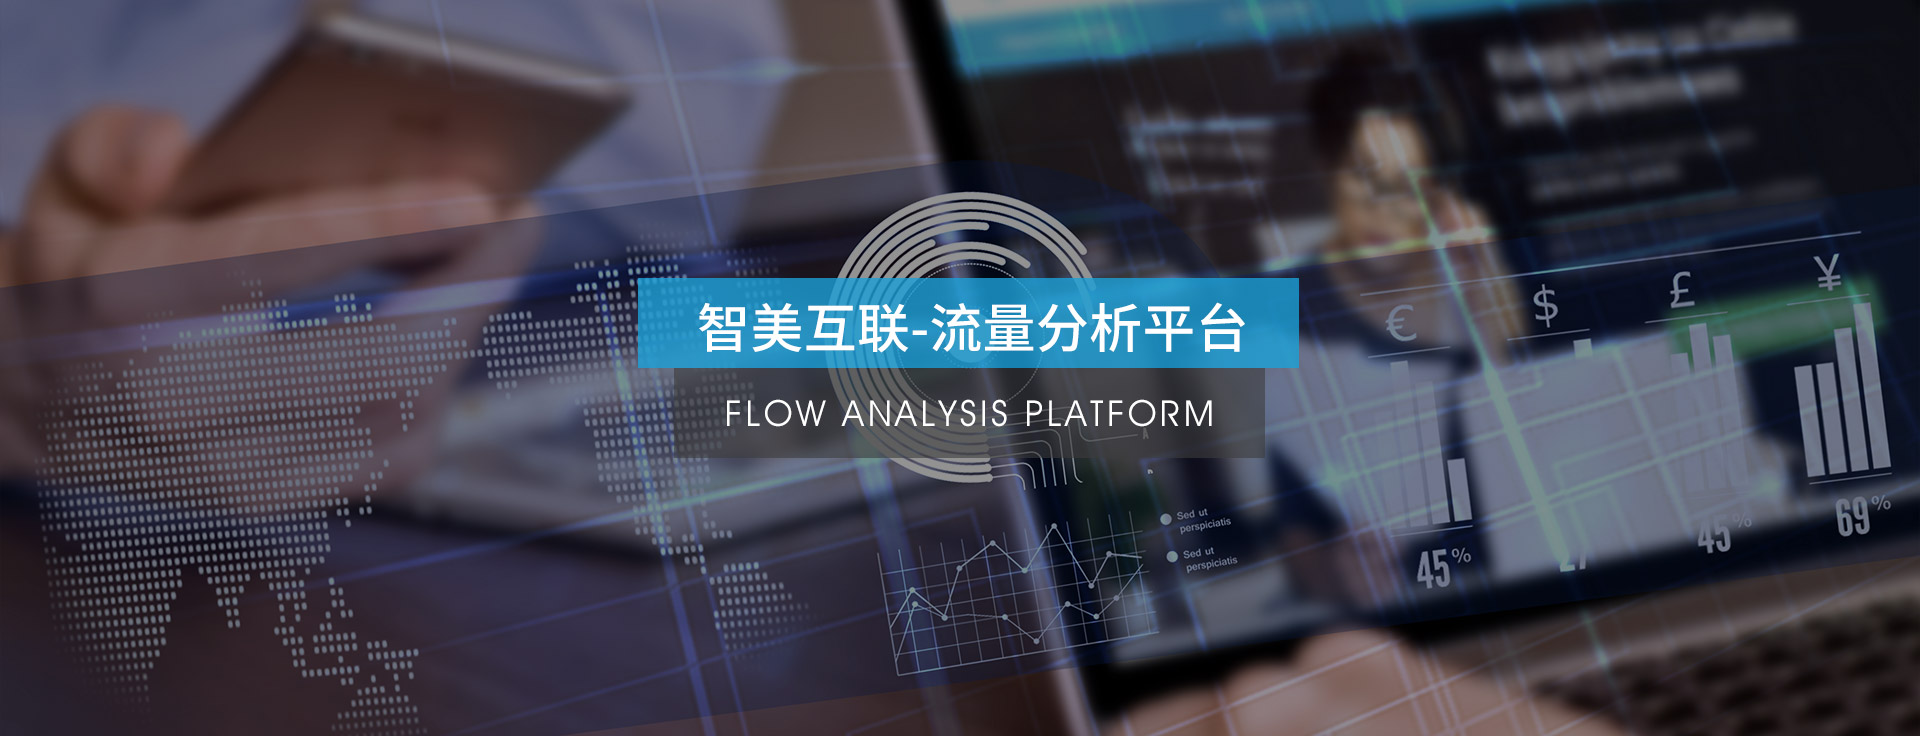 流量分析平台